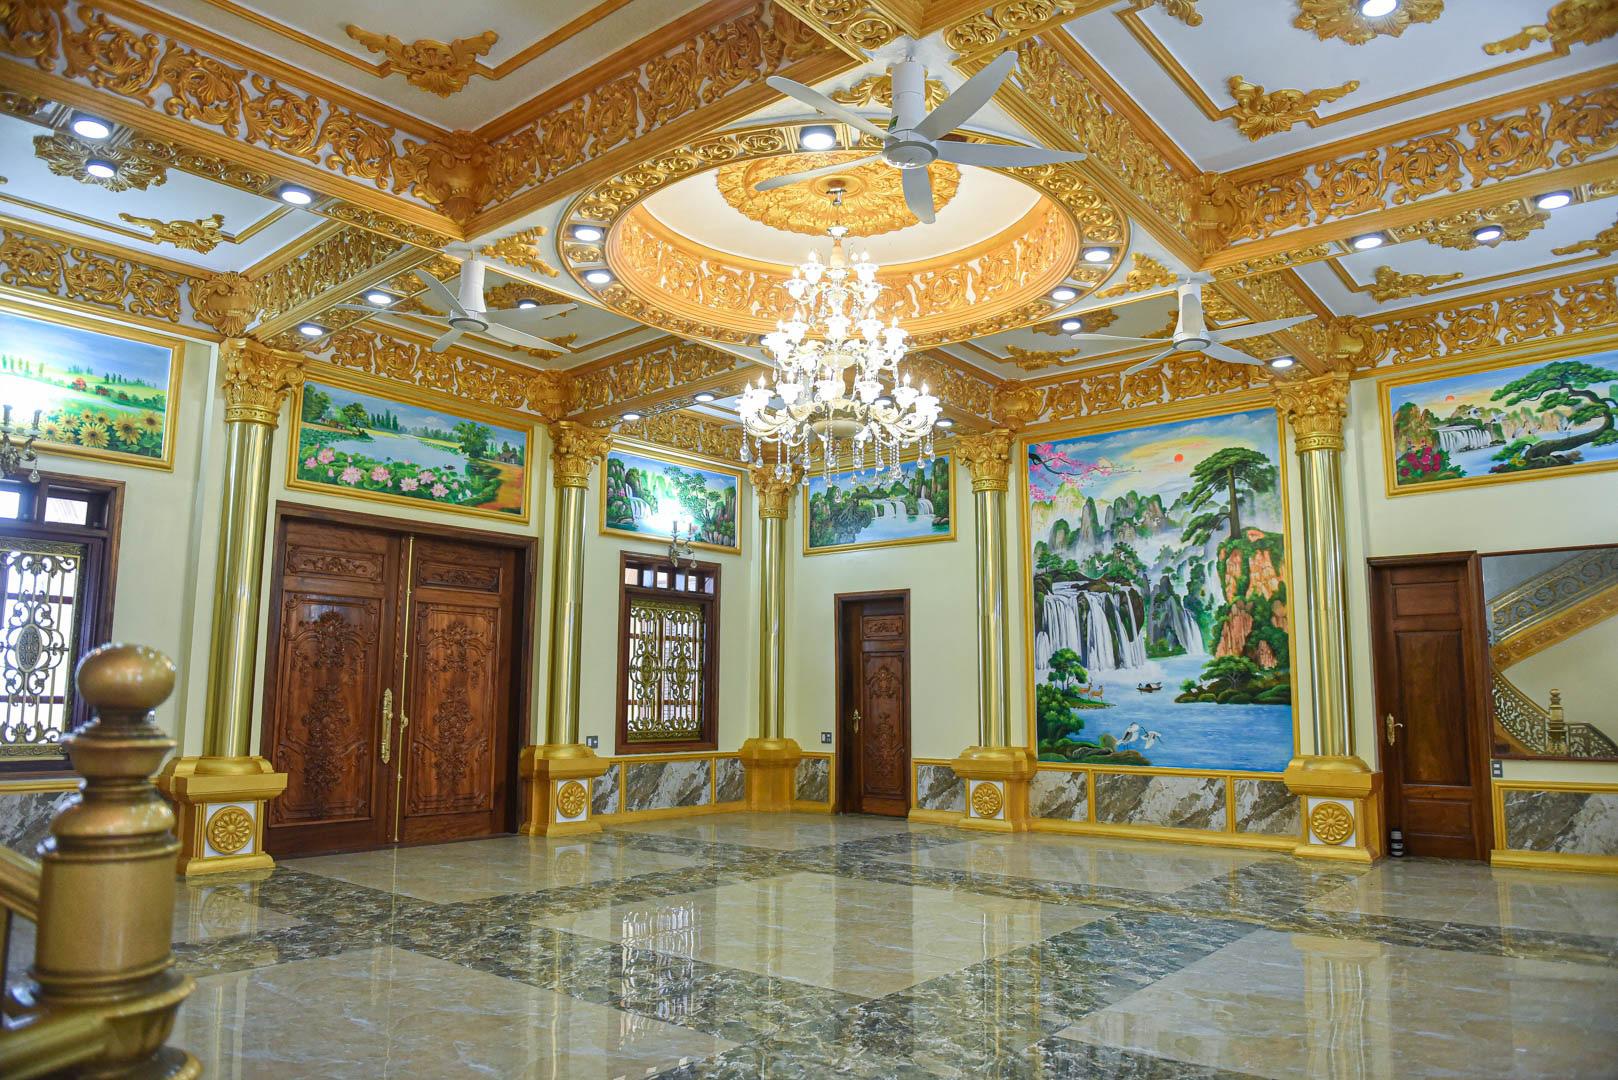 """Lâu đài """"dát vàng"""", bên trong toàn nội thất đắt đỏ của đại gia ở Hưng Yên - Ảnh 9."""